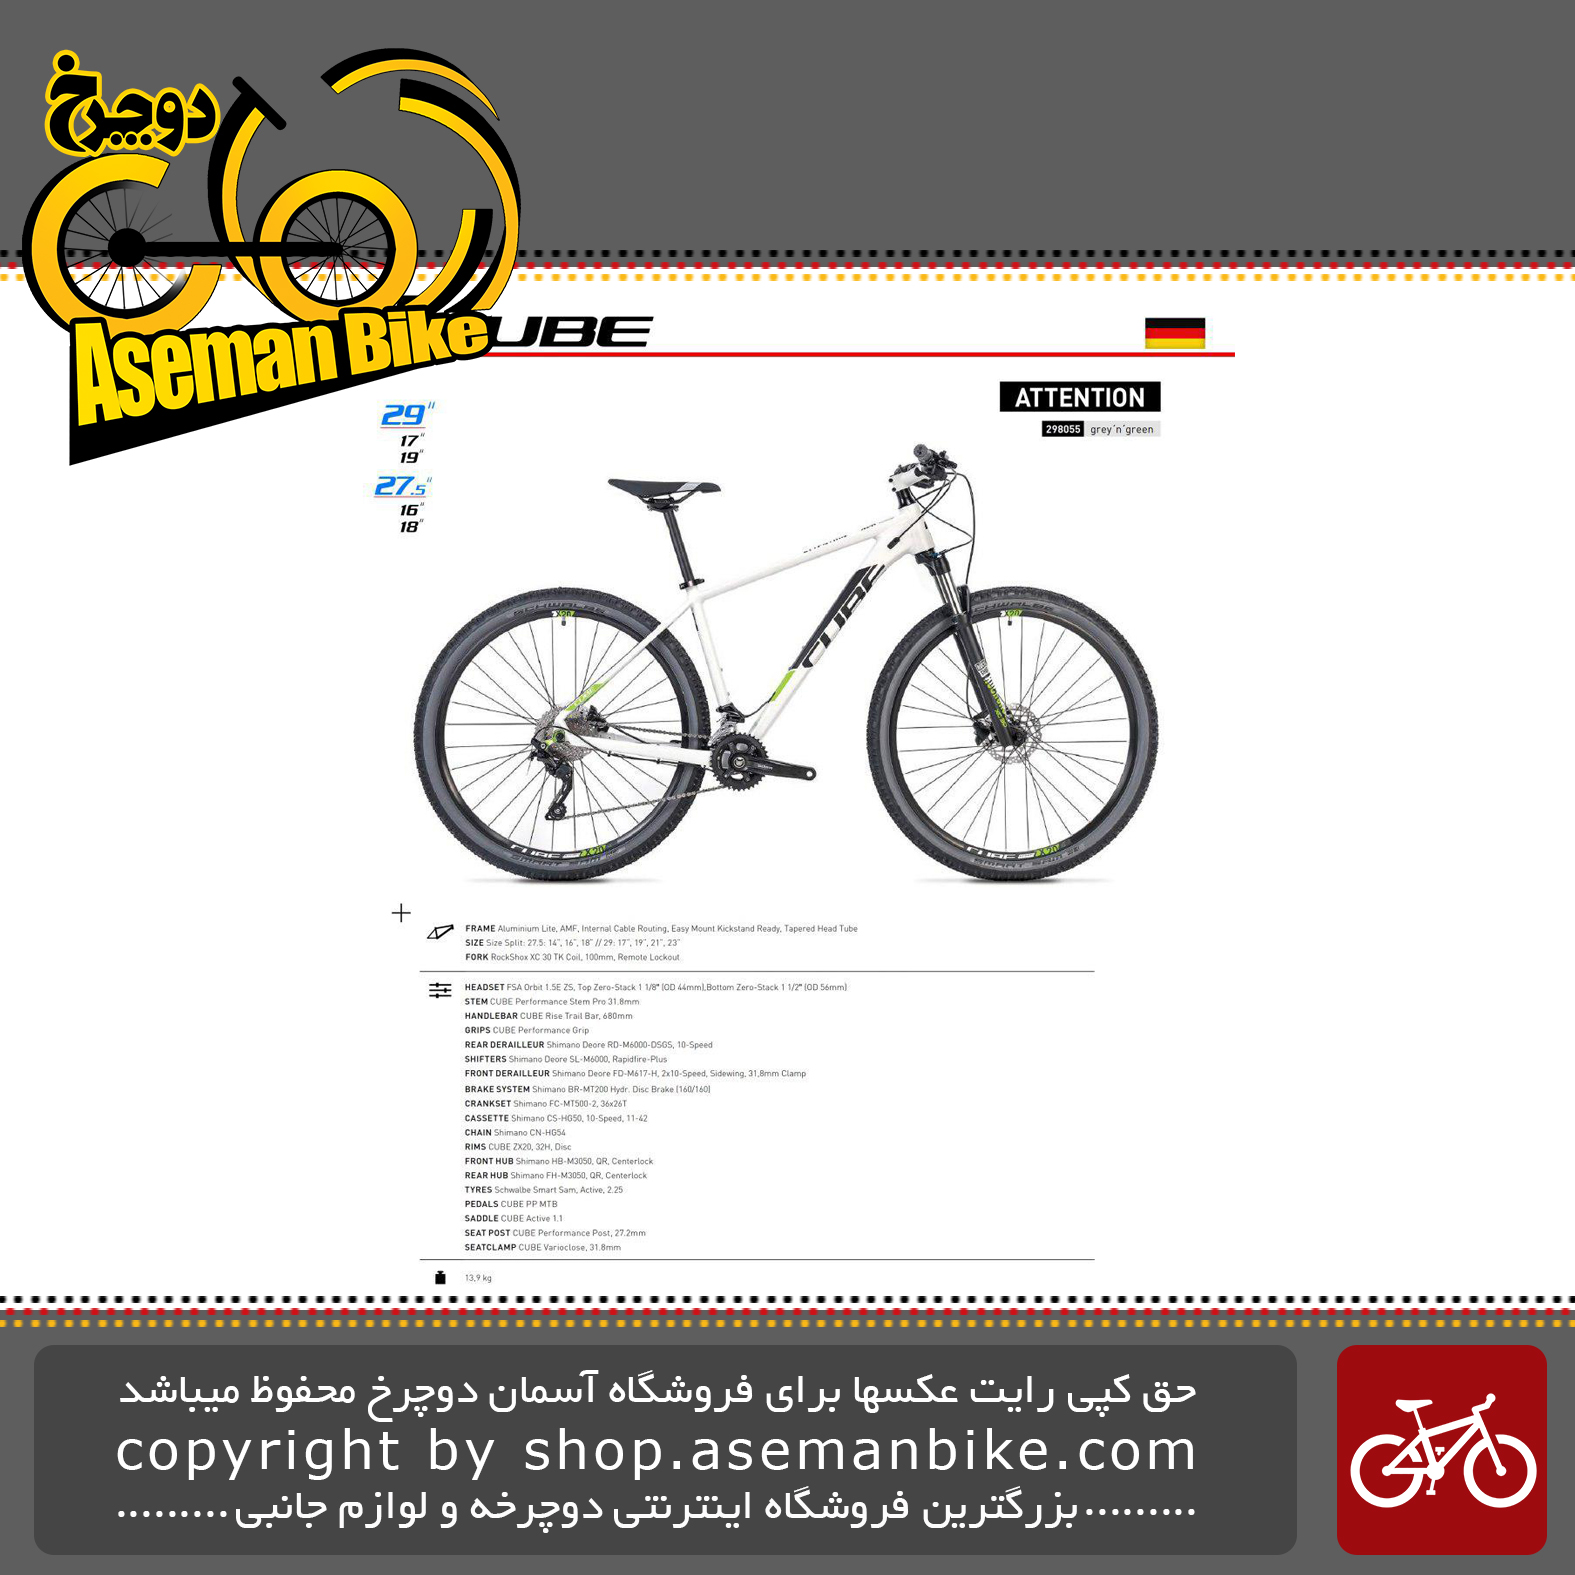 دوچرخه کوهستان کیوب مدل اتنشن سبز و خاکستری سایز 27.5 2019 CUBE Mountain Bicycle Attention 27.5 2019